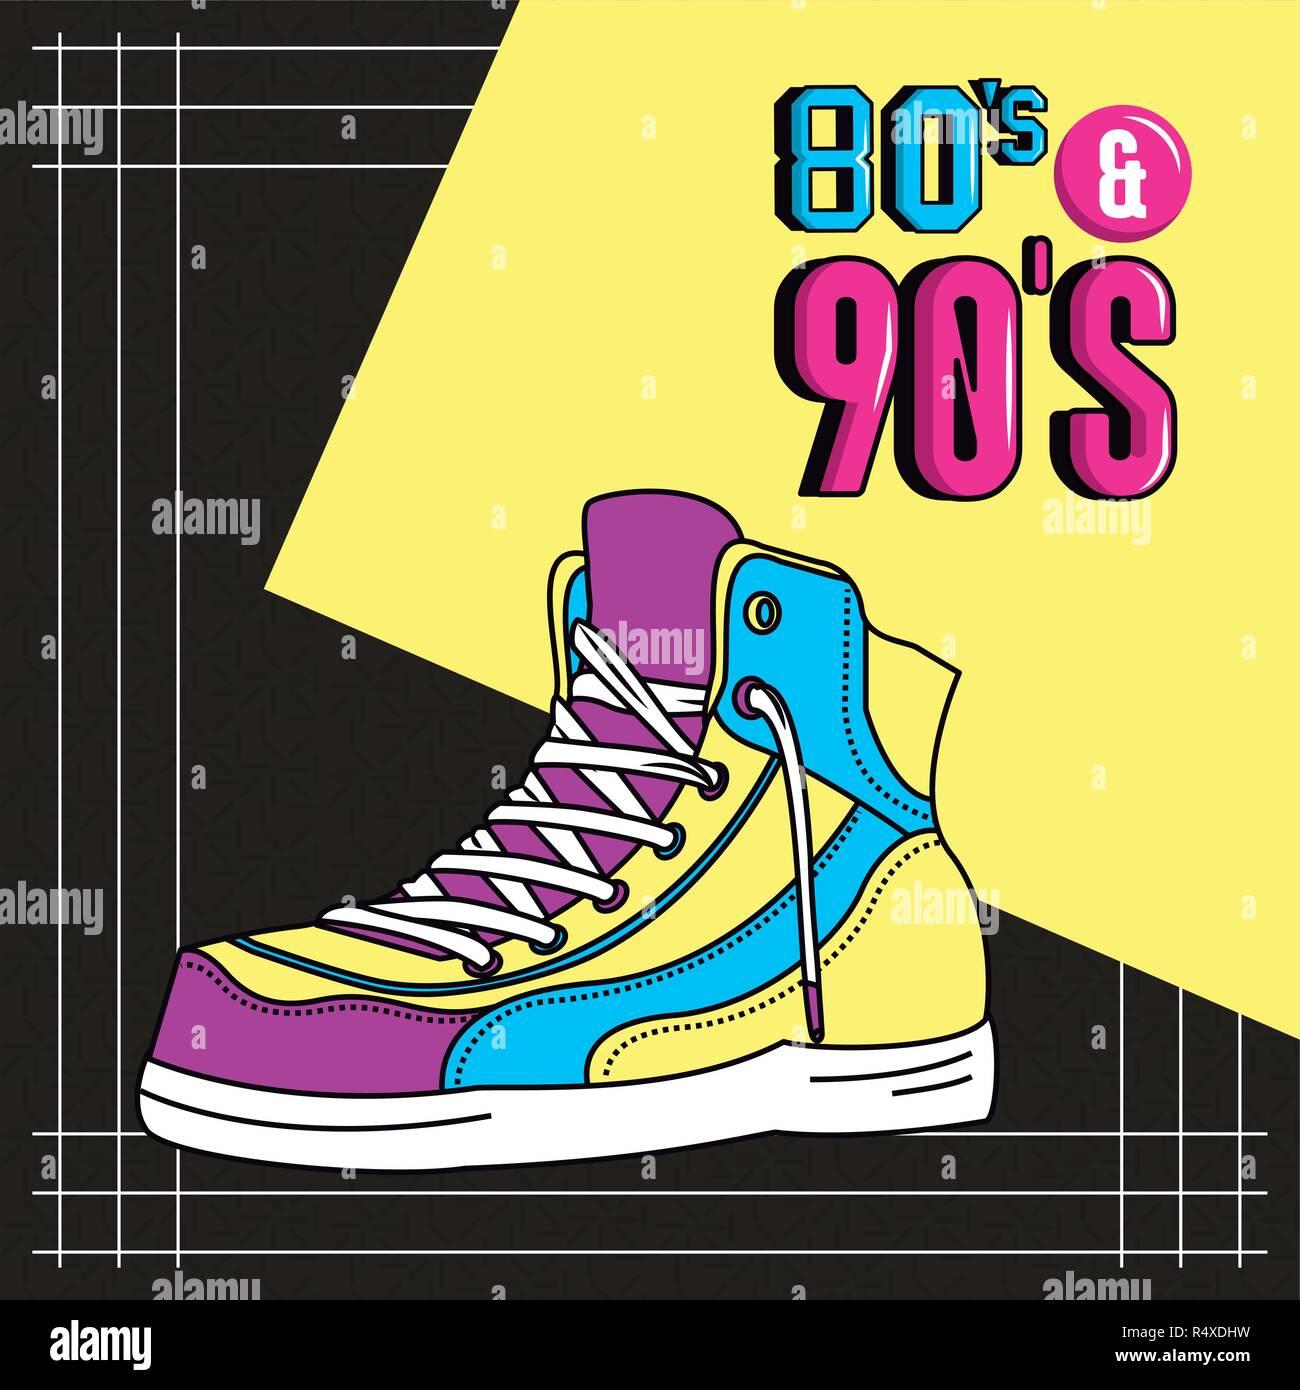 eighties and nineties style - Stock Image